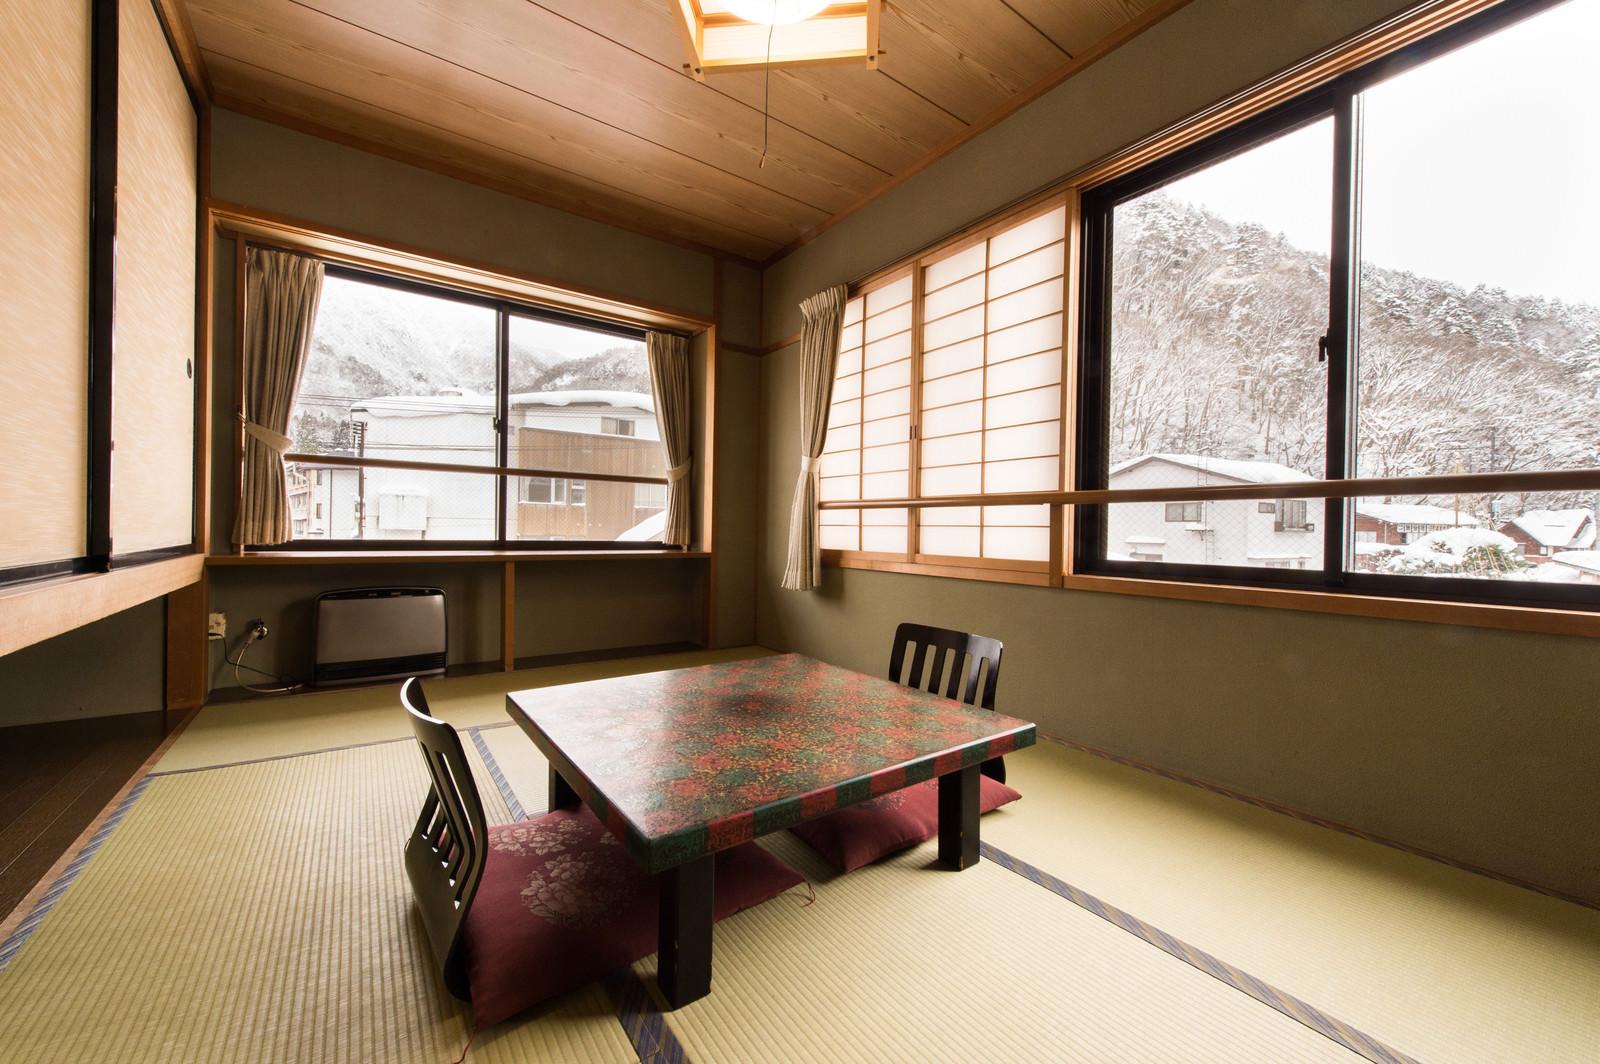 「平湯温泉の雪景色と栄太郎の客室平湯温泉の雪景色と栄太郎の客室」のフリー写真素材を拡大